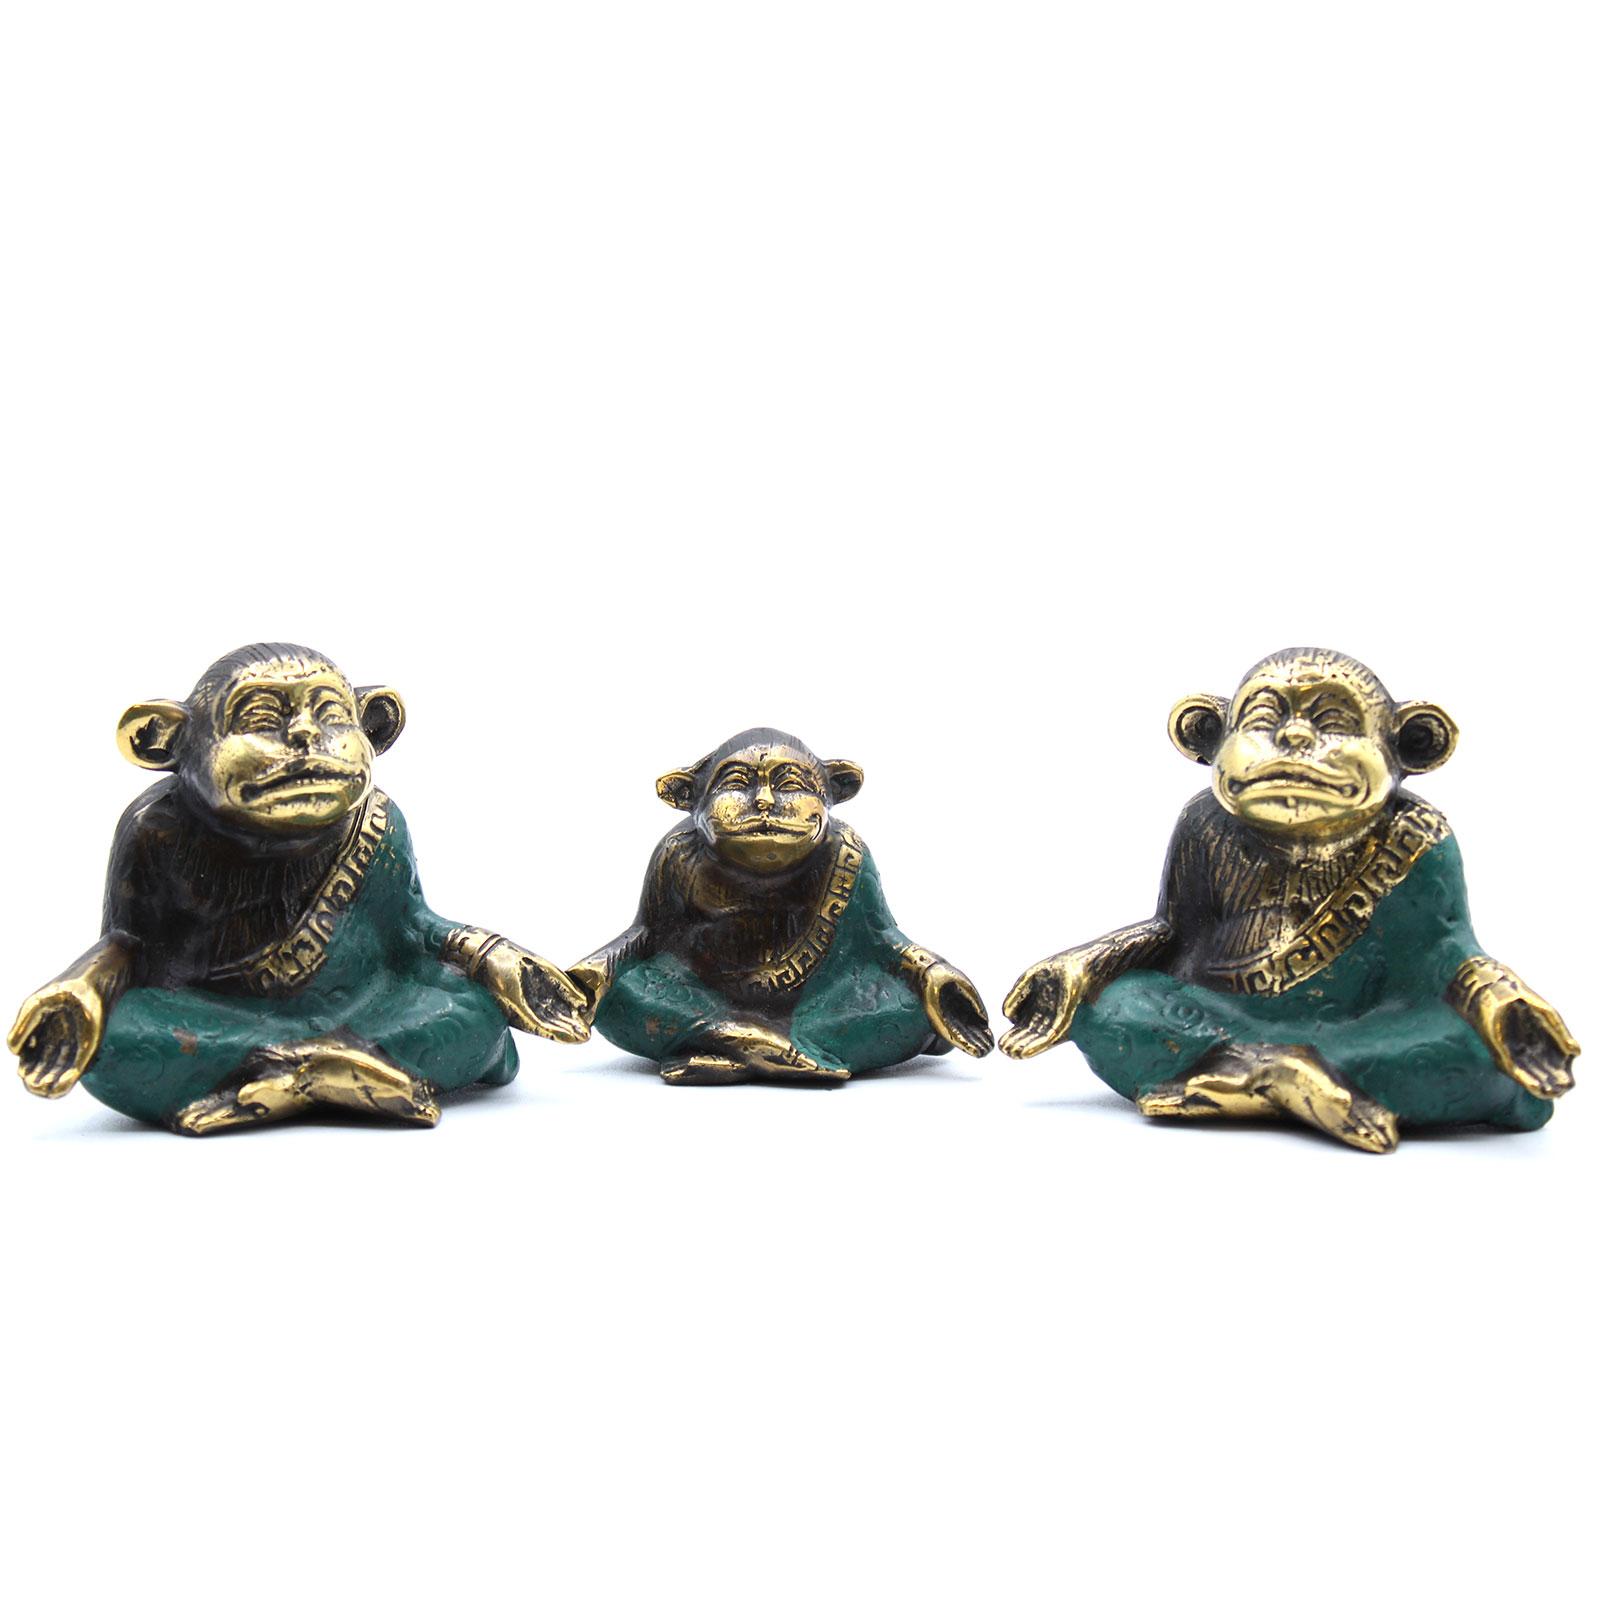 Set of 3 Family of Yoga Monkeys asst sizes